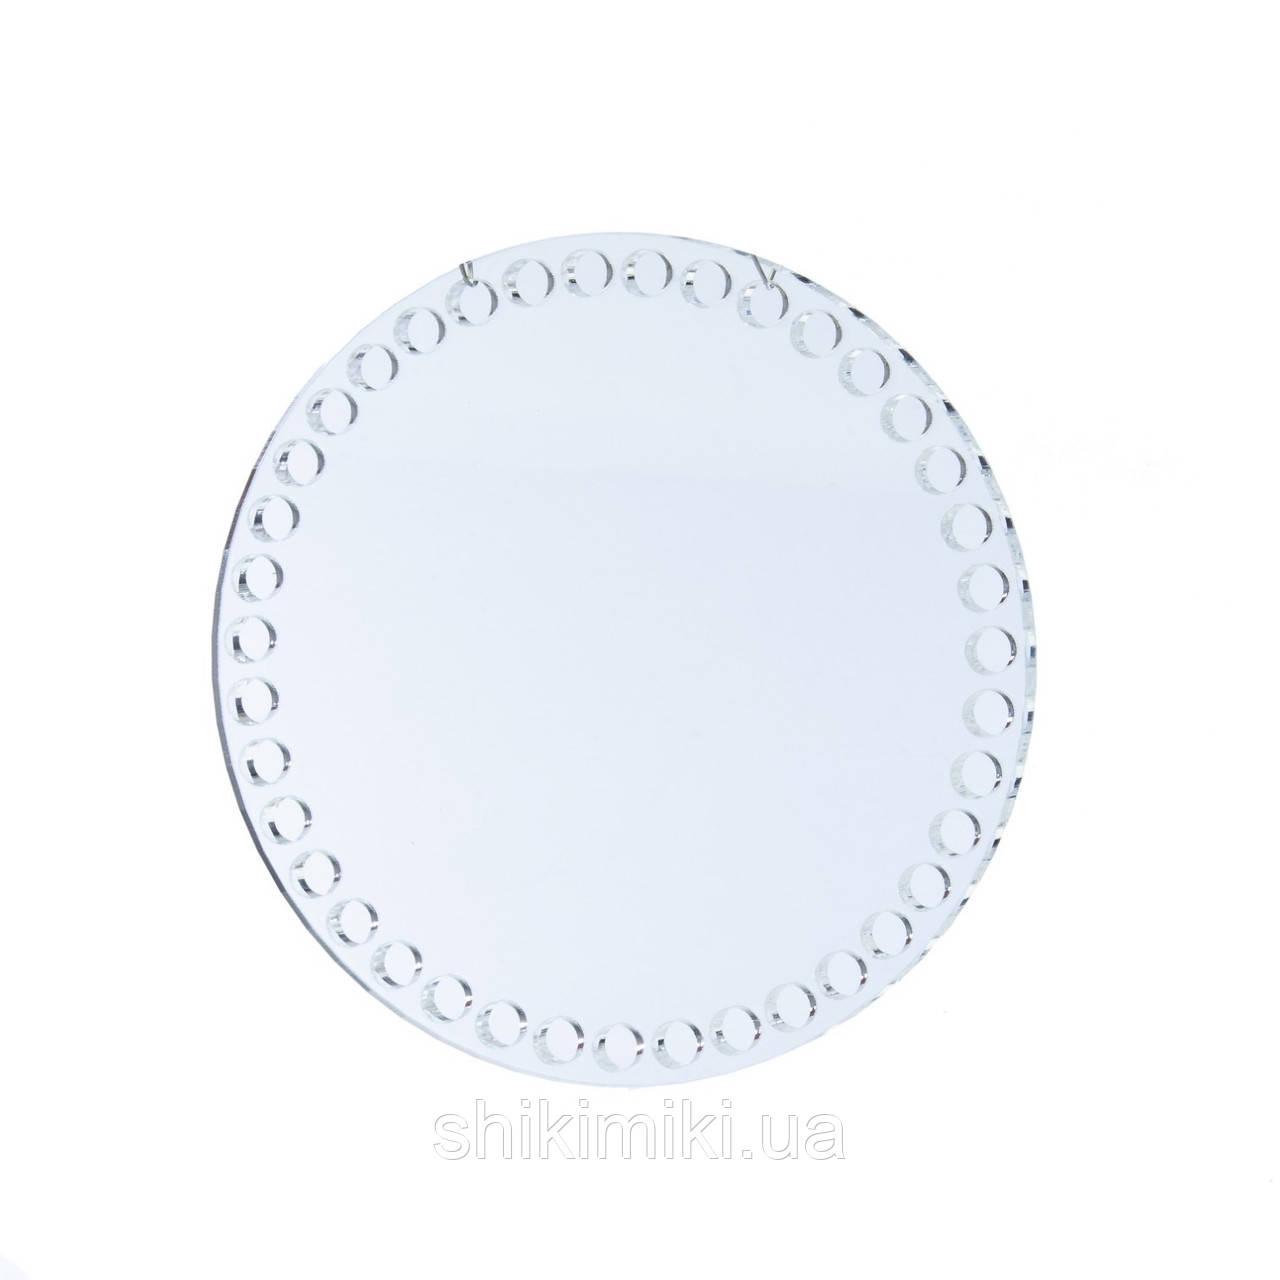 Заготовка из прозрачного акрила круглая, 12 см